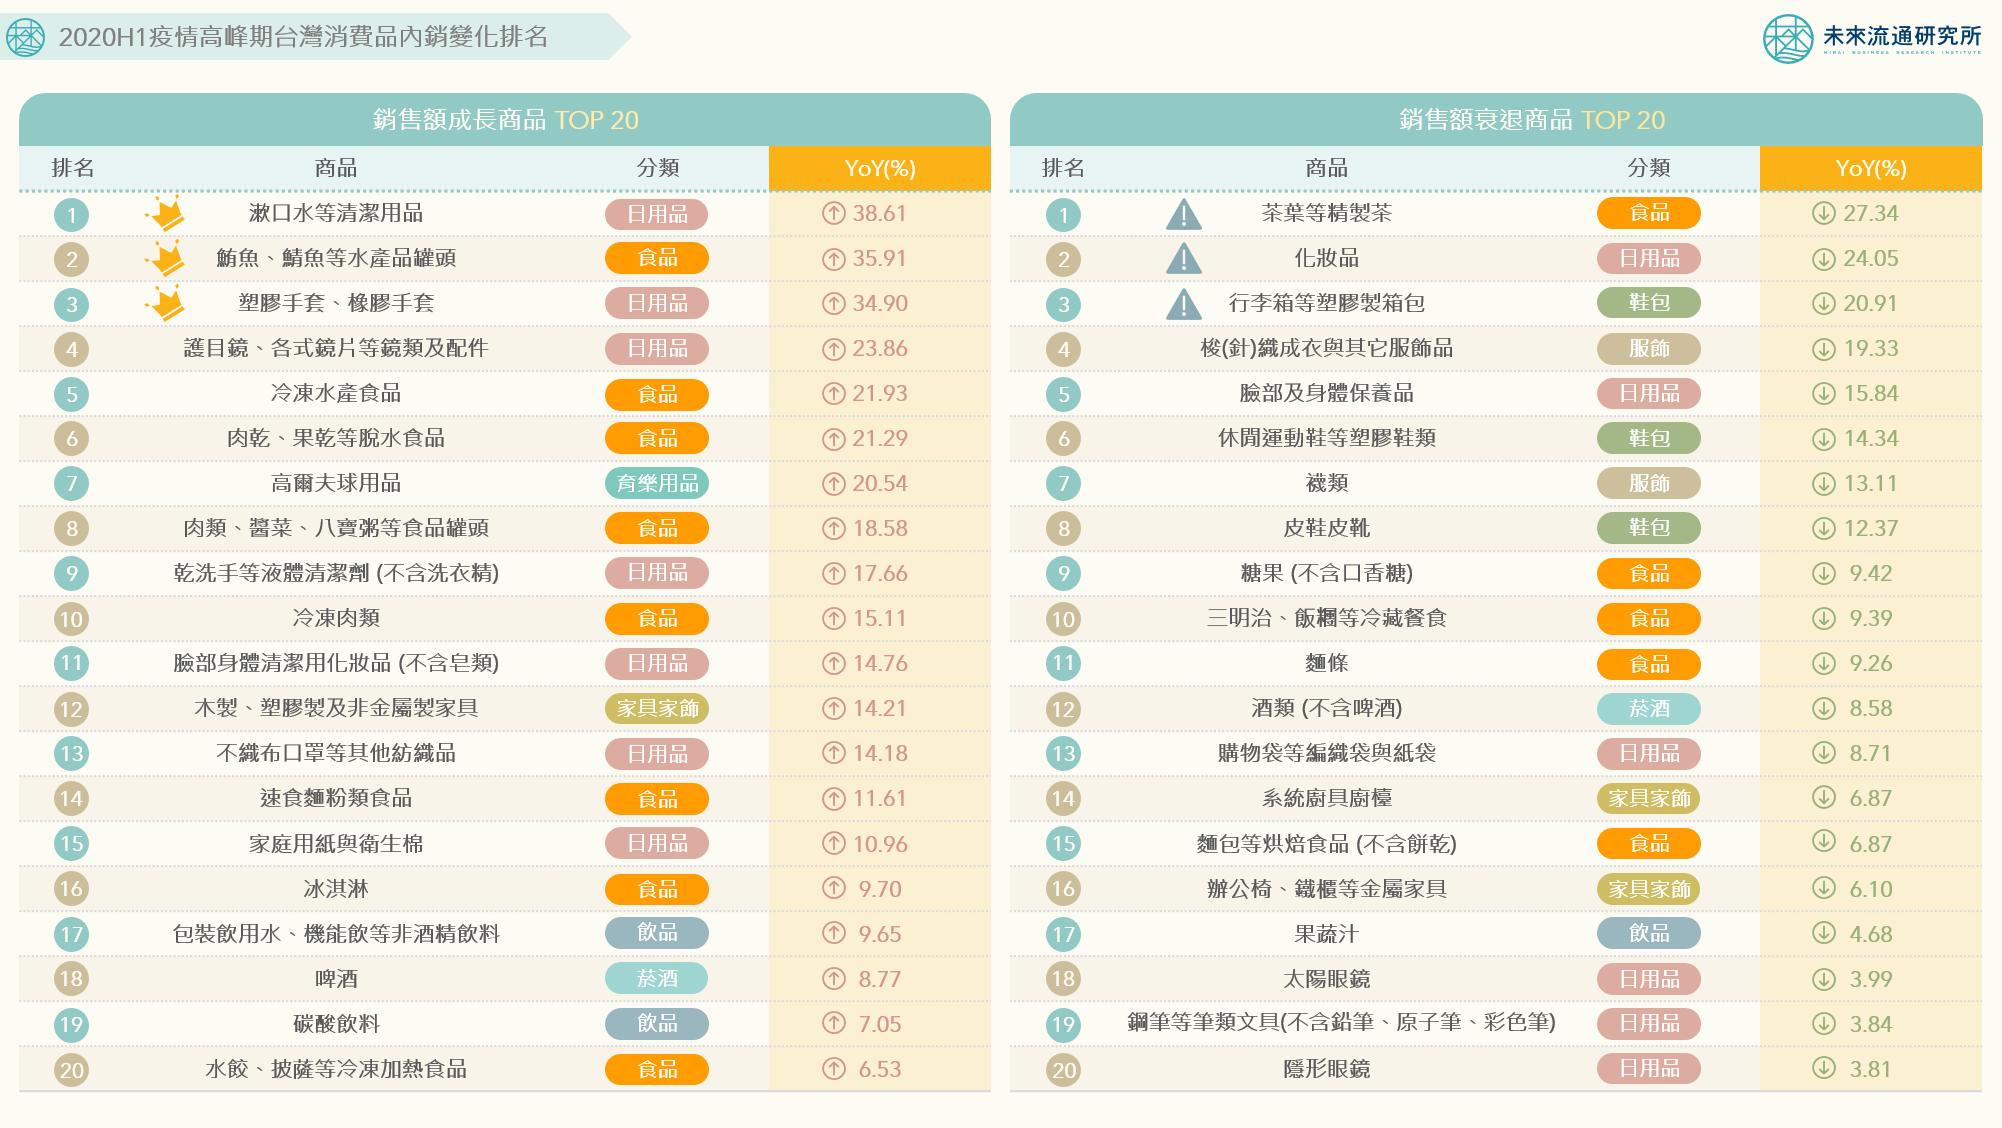 【商業數據圖解】情報應援系列:疫情峰期台灣消費商品內銷如何變化?